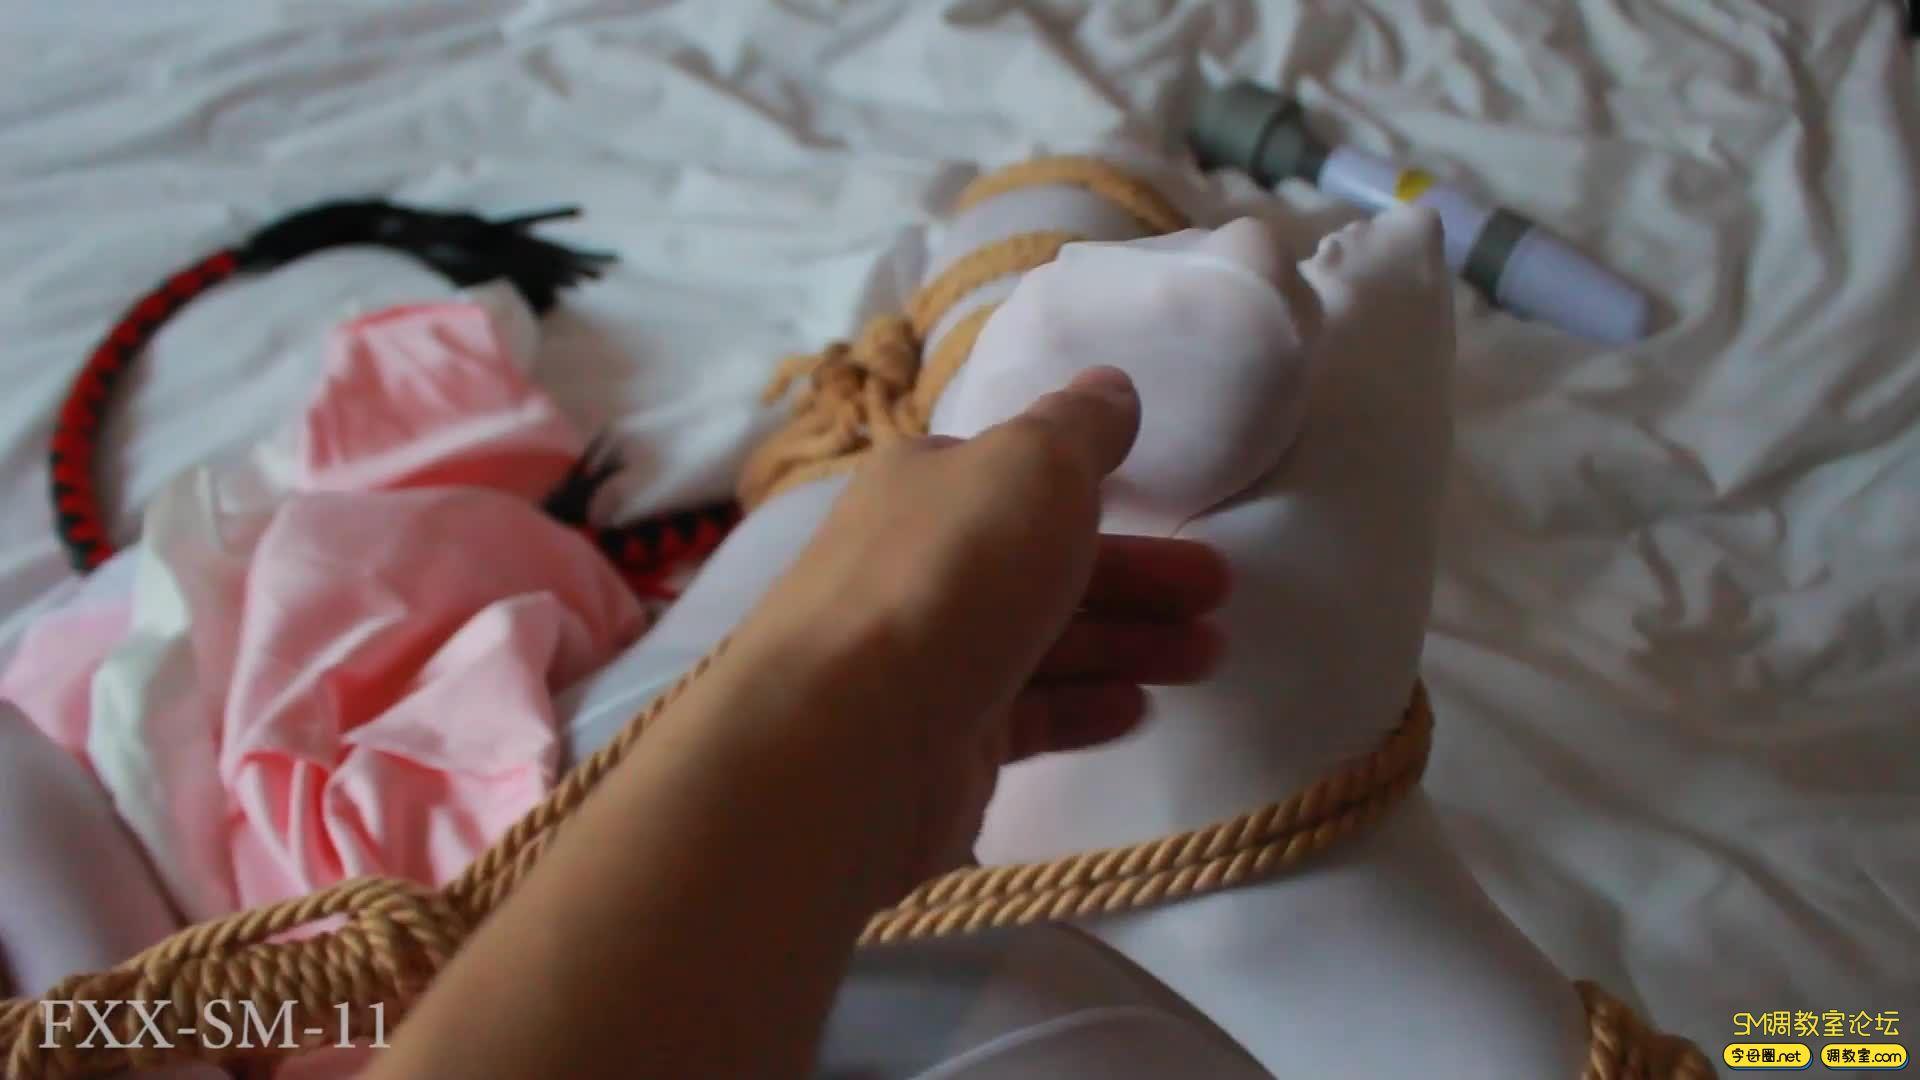 【FXX】年终巨献 lo娘 白丝连身袜  驷马震动全方位调教-视频截图4